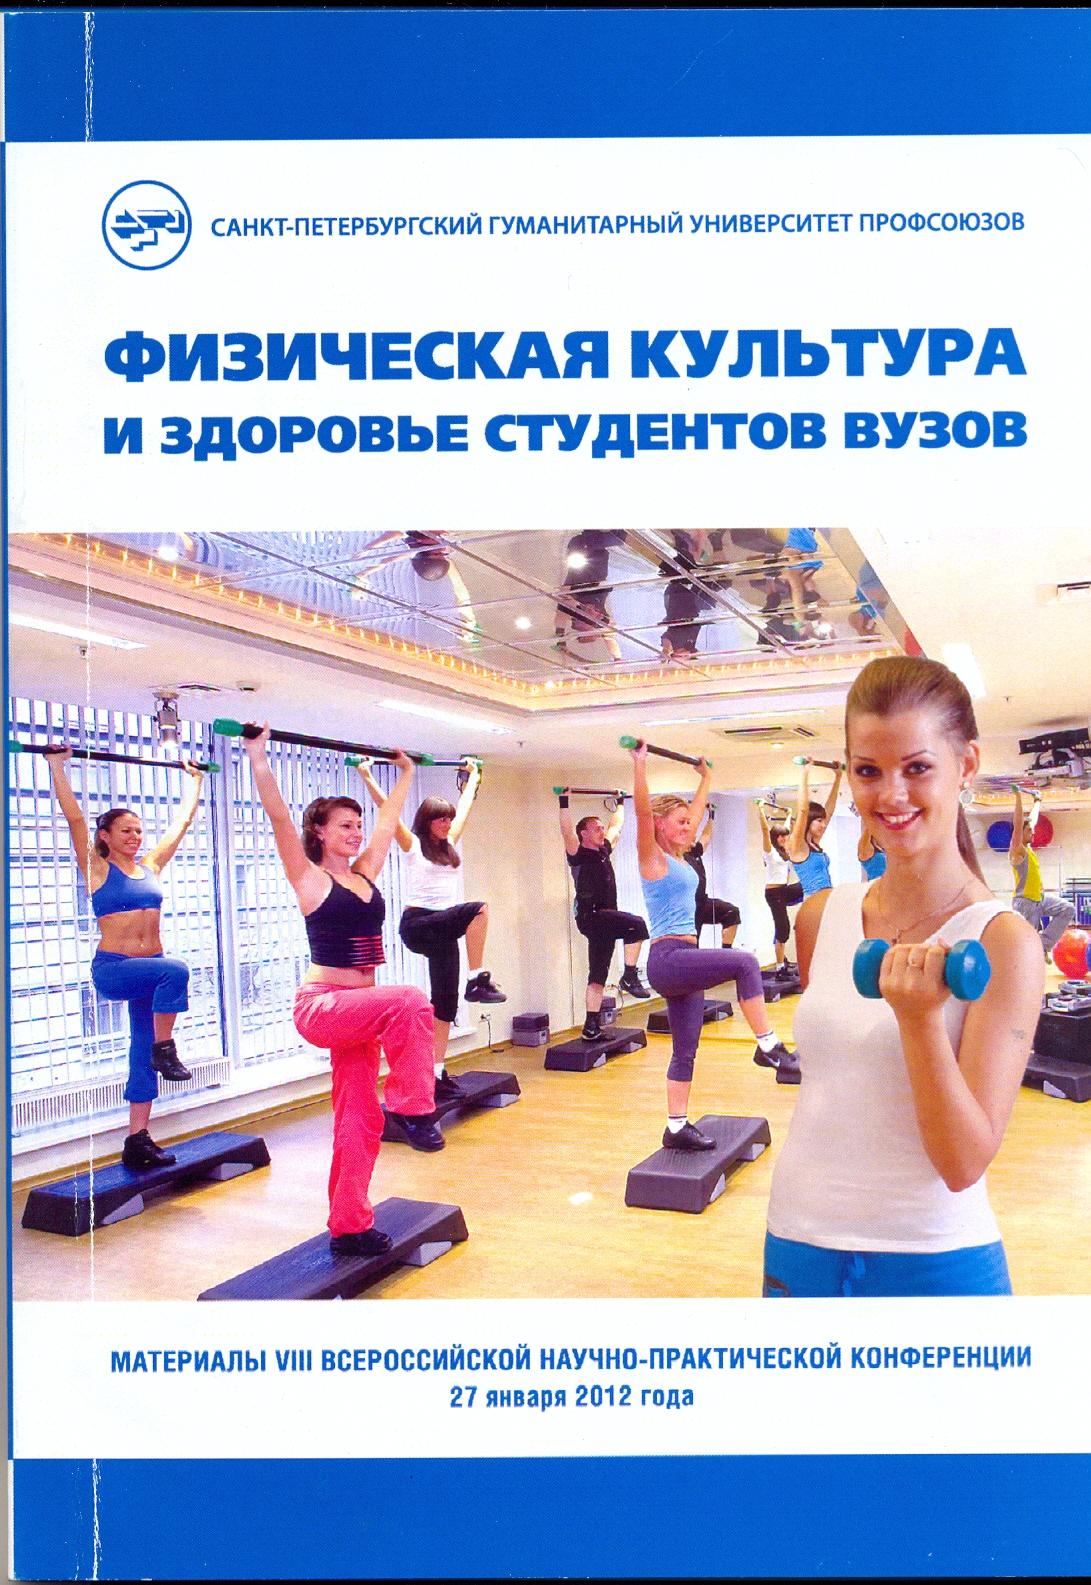 Физическая культура и здоровье студентов вузов. Материалы VII Всероссийской научно-практической конференции